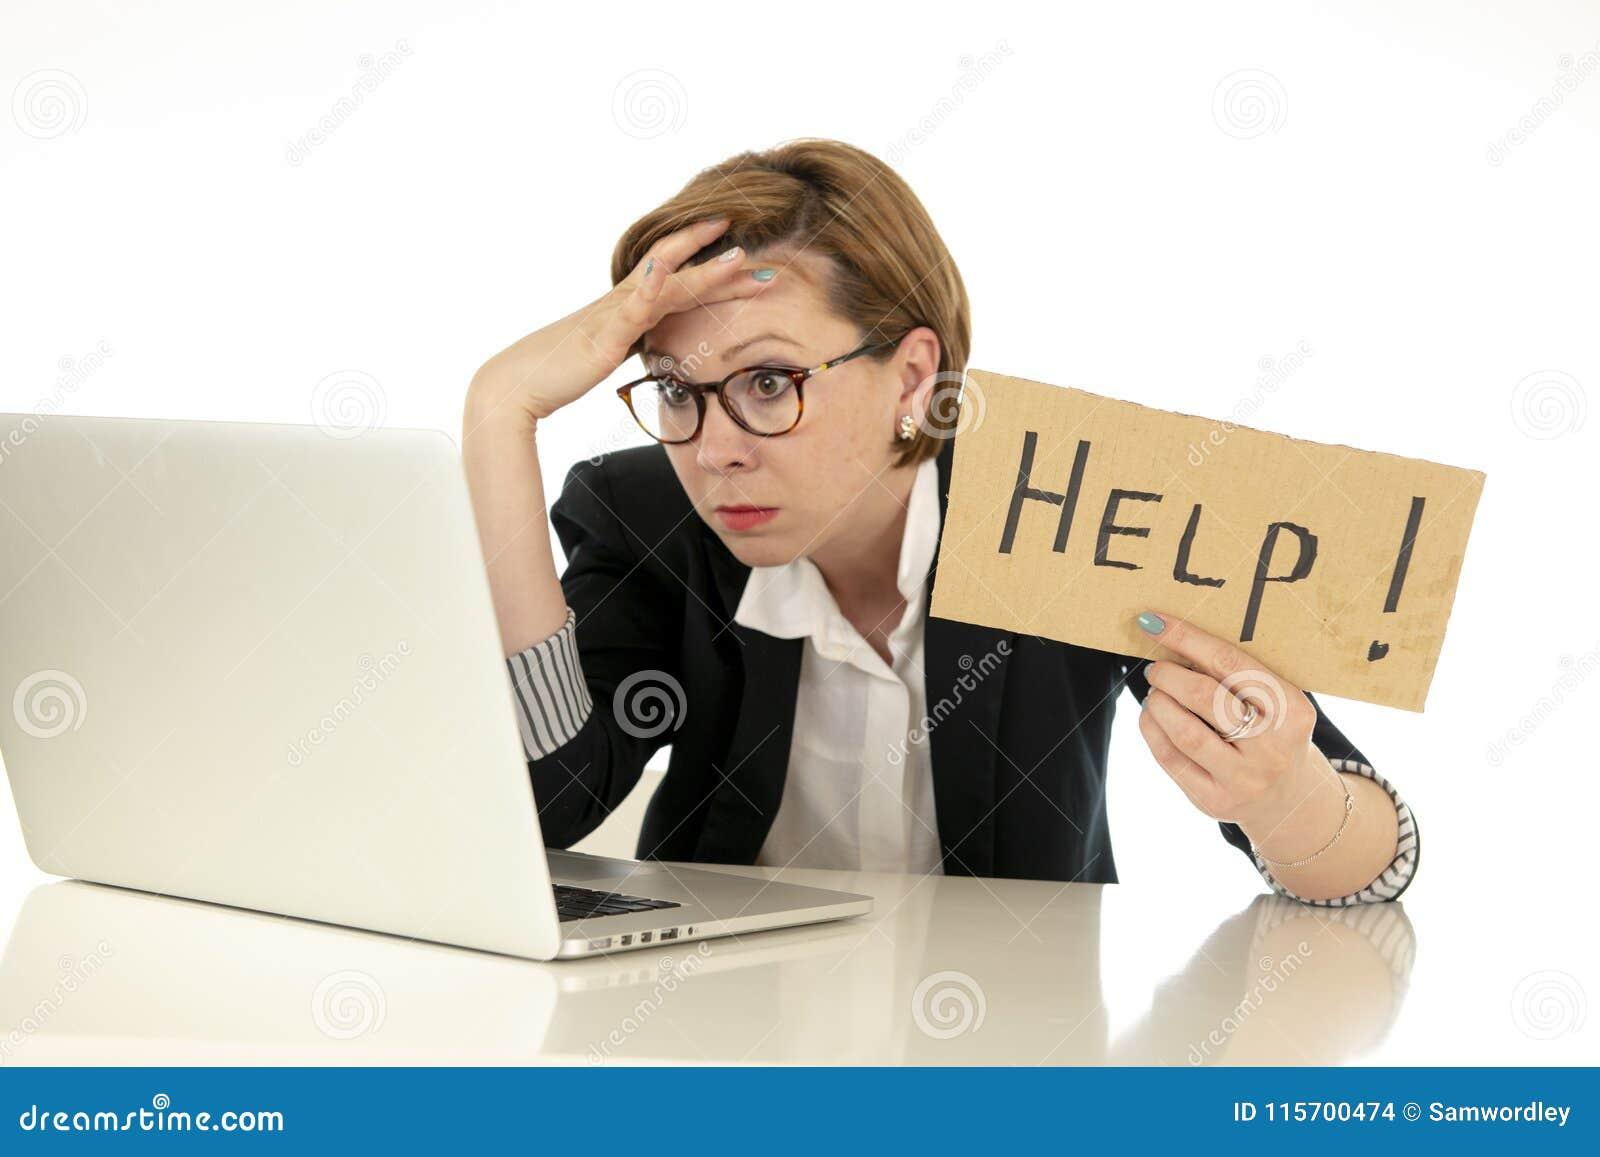 Los jóvenes atractivos abrumaron y frustraron a la mujer de negocios que trabajaba en su ordenador que pedía ayuda